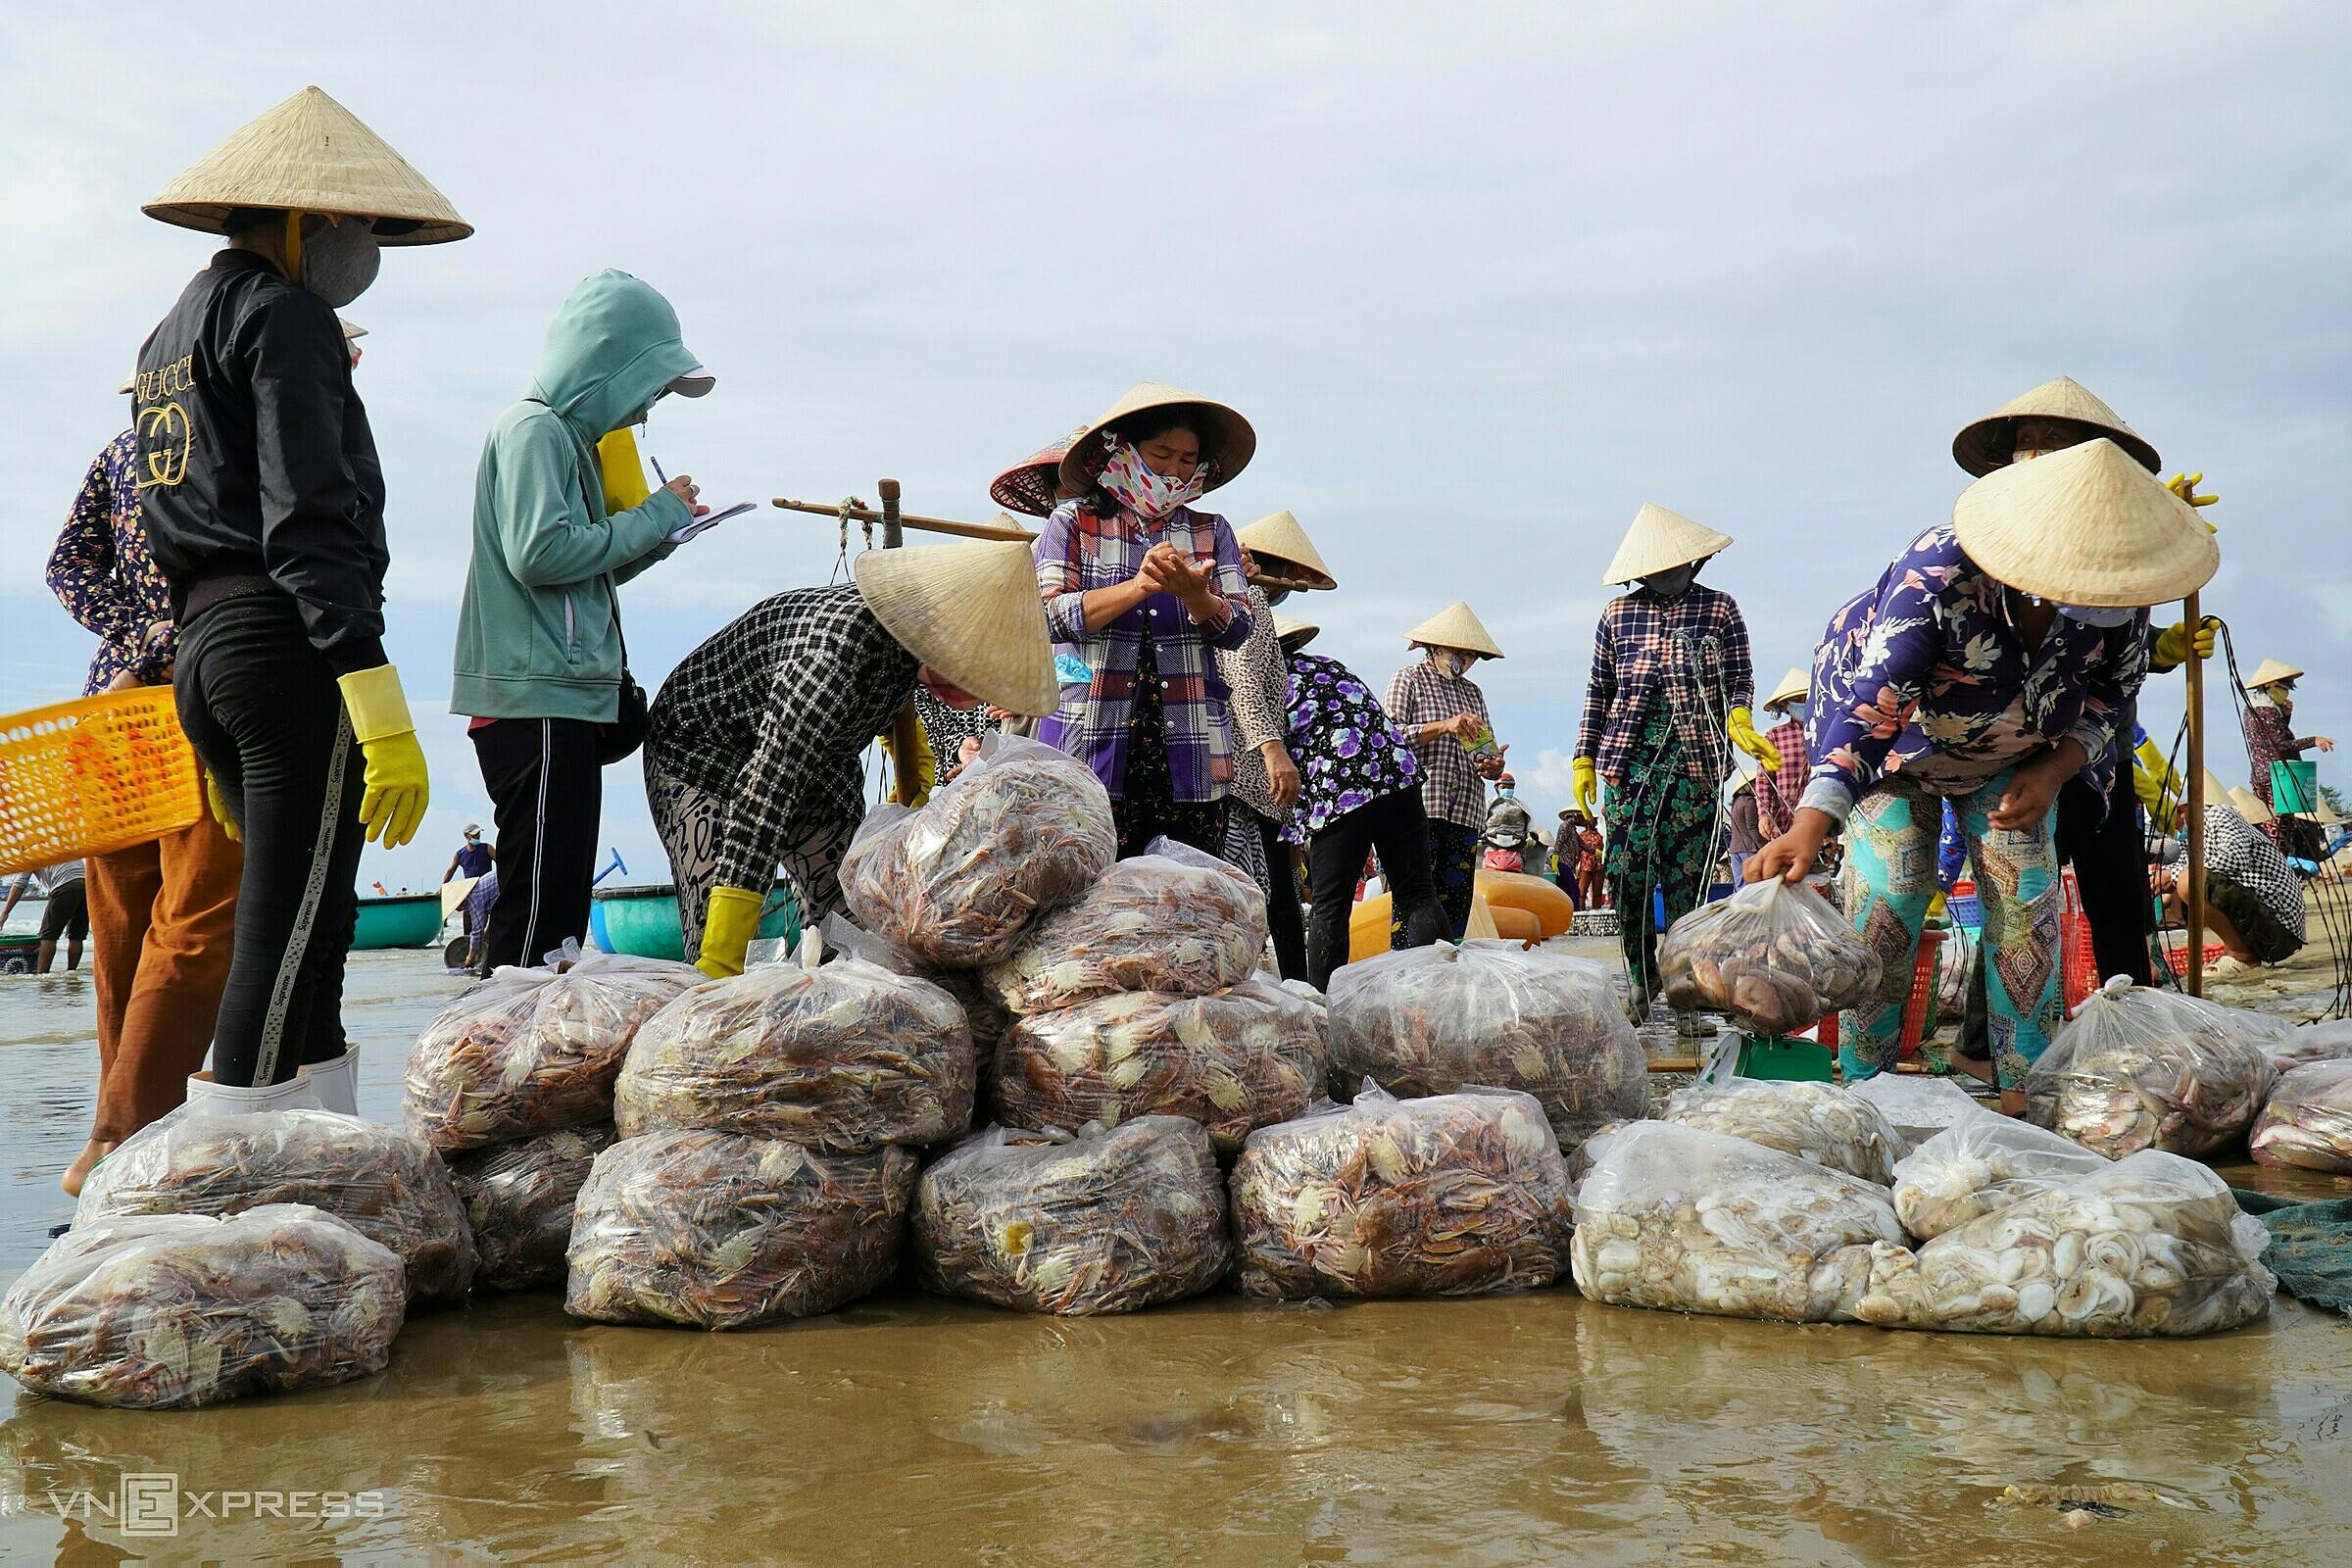 Thương lái đang chọn mua ghẹ và mực trên bến cá Bãi Sau - Mũi Né. Ảnh: Việt Quốc